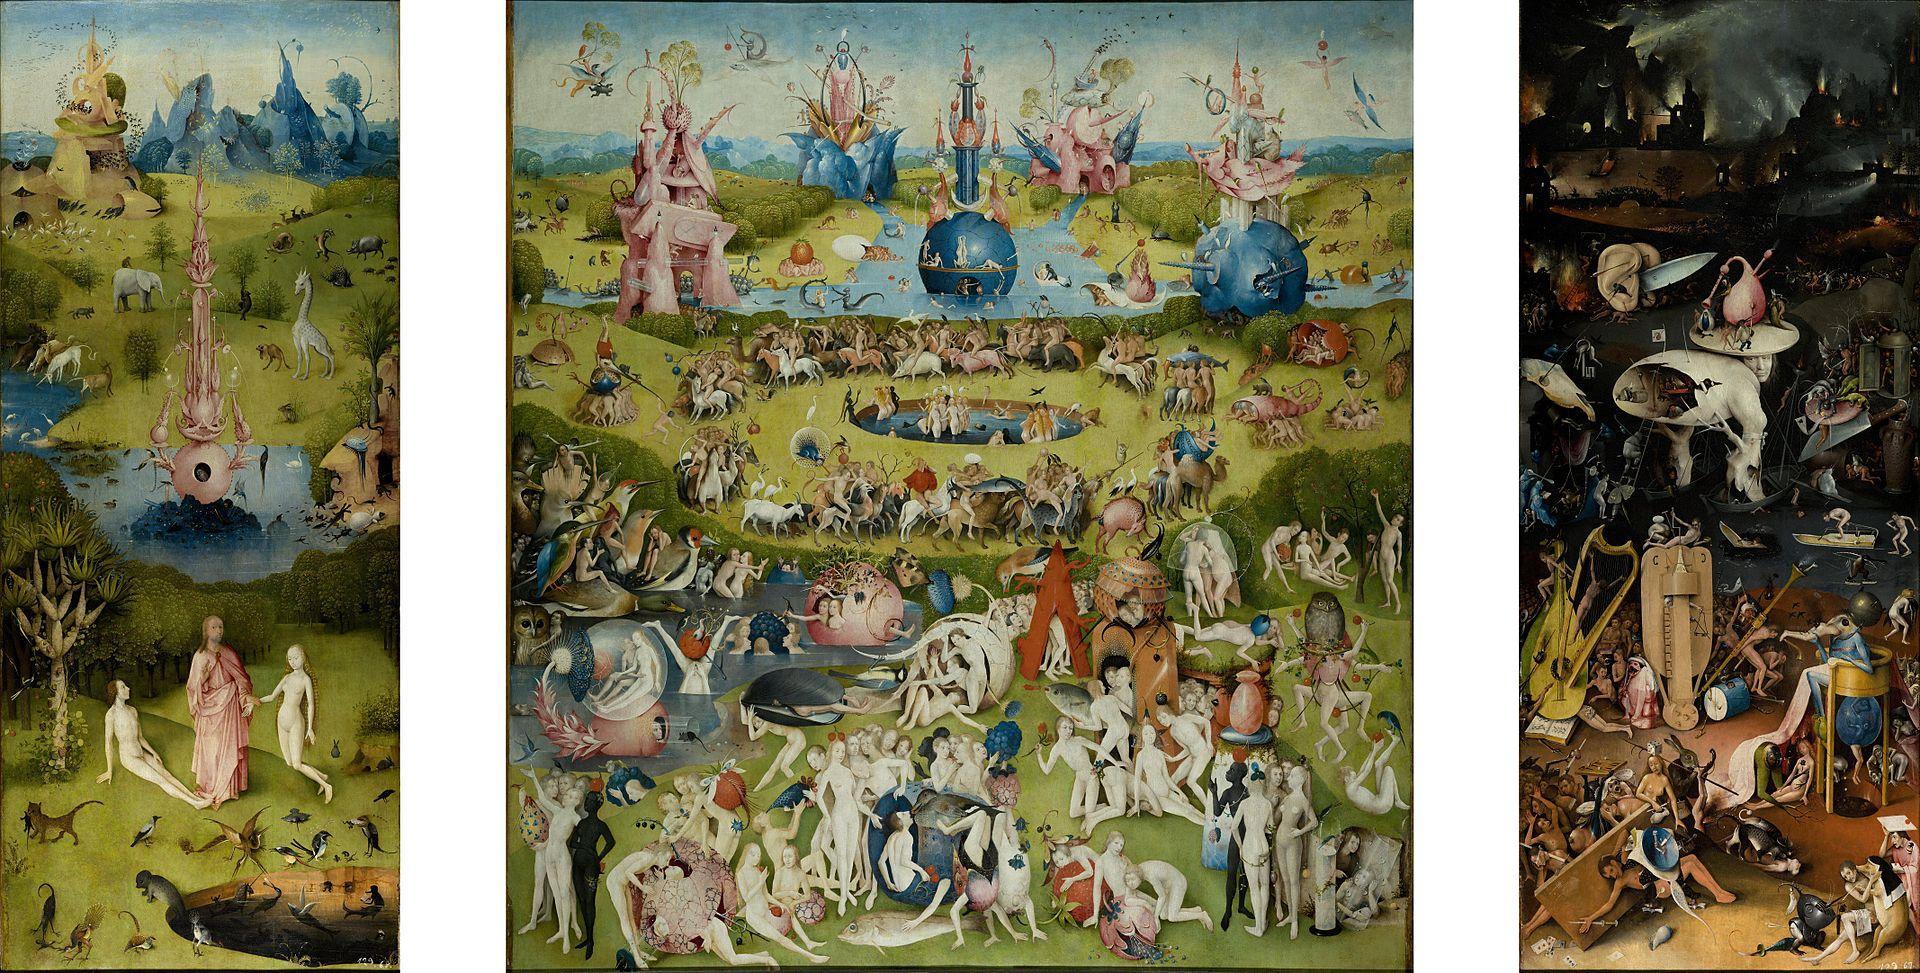 nederlandse schilderijen